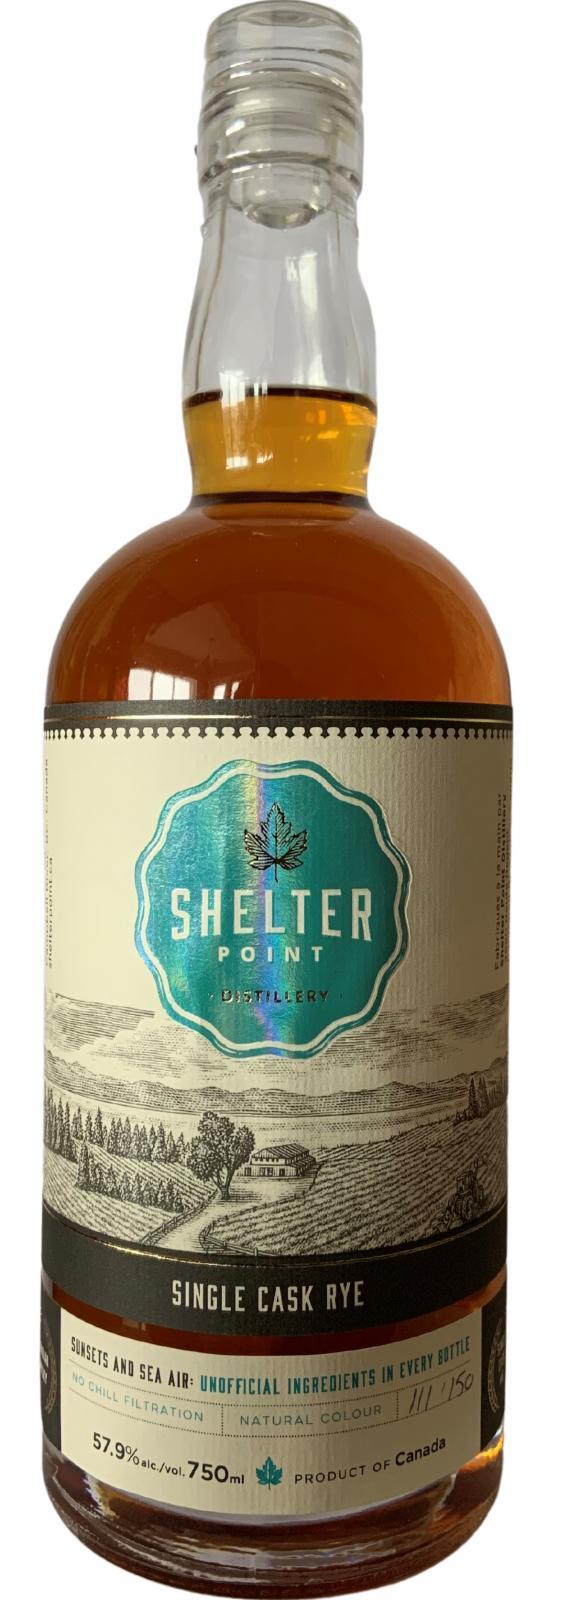 Shelter Point Single Cask Rye